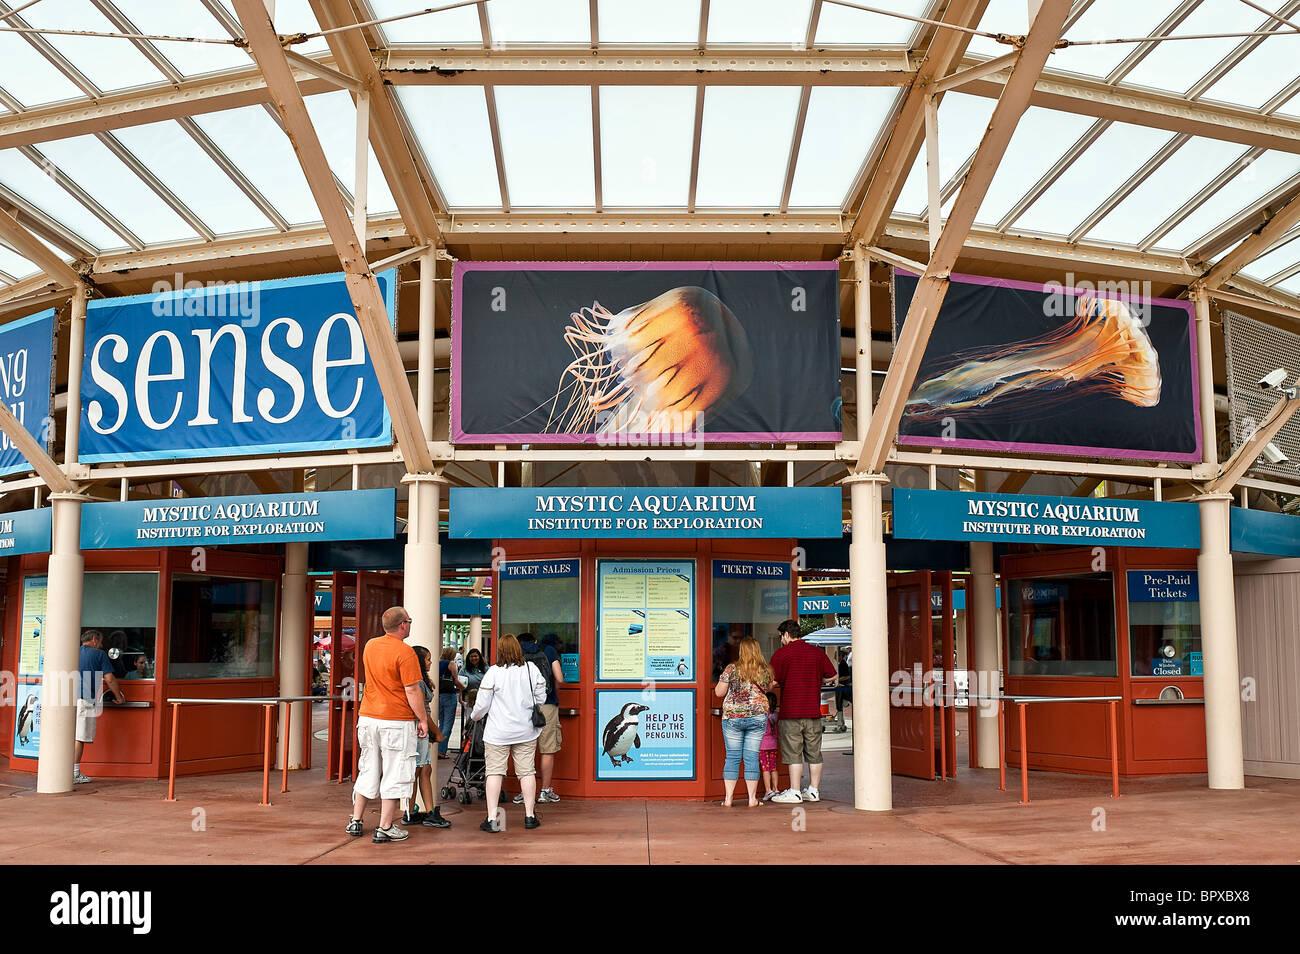 Mystic Aquarium, Connecticut, CT, USA Stock Photo, Royalty ...